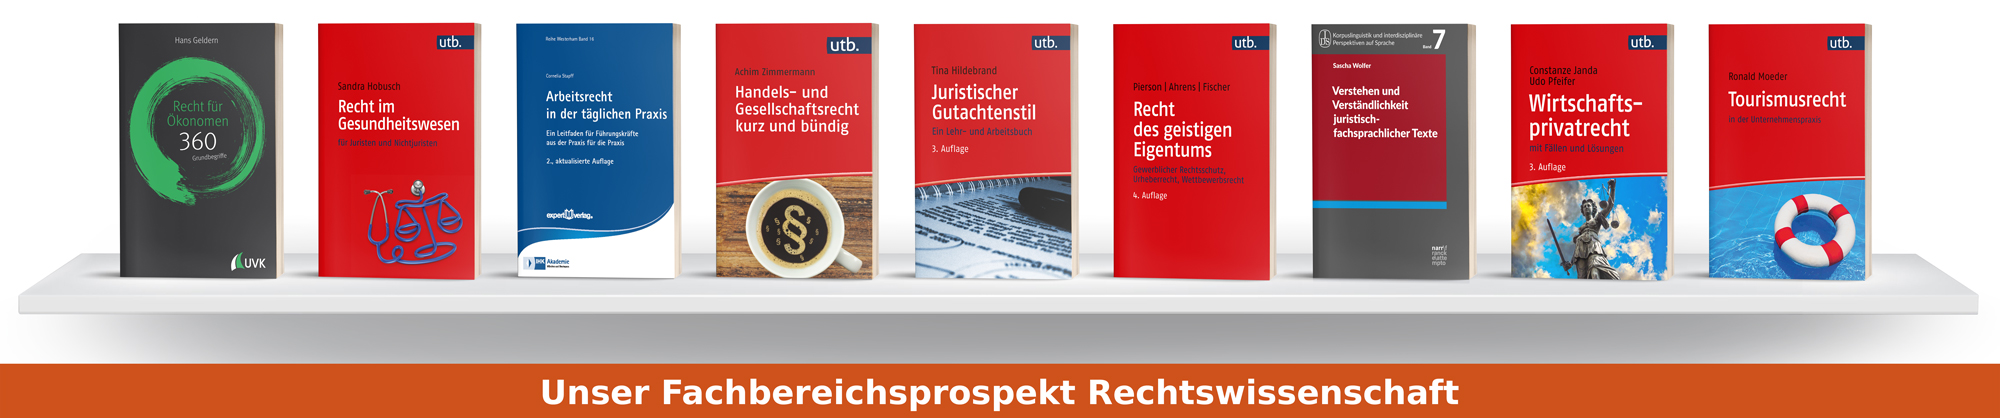 Fachbereichsprospekt Rechtswissenschaft